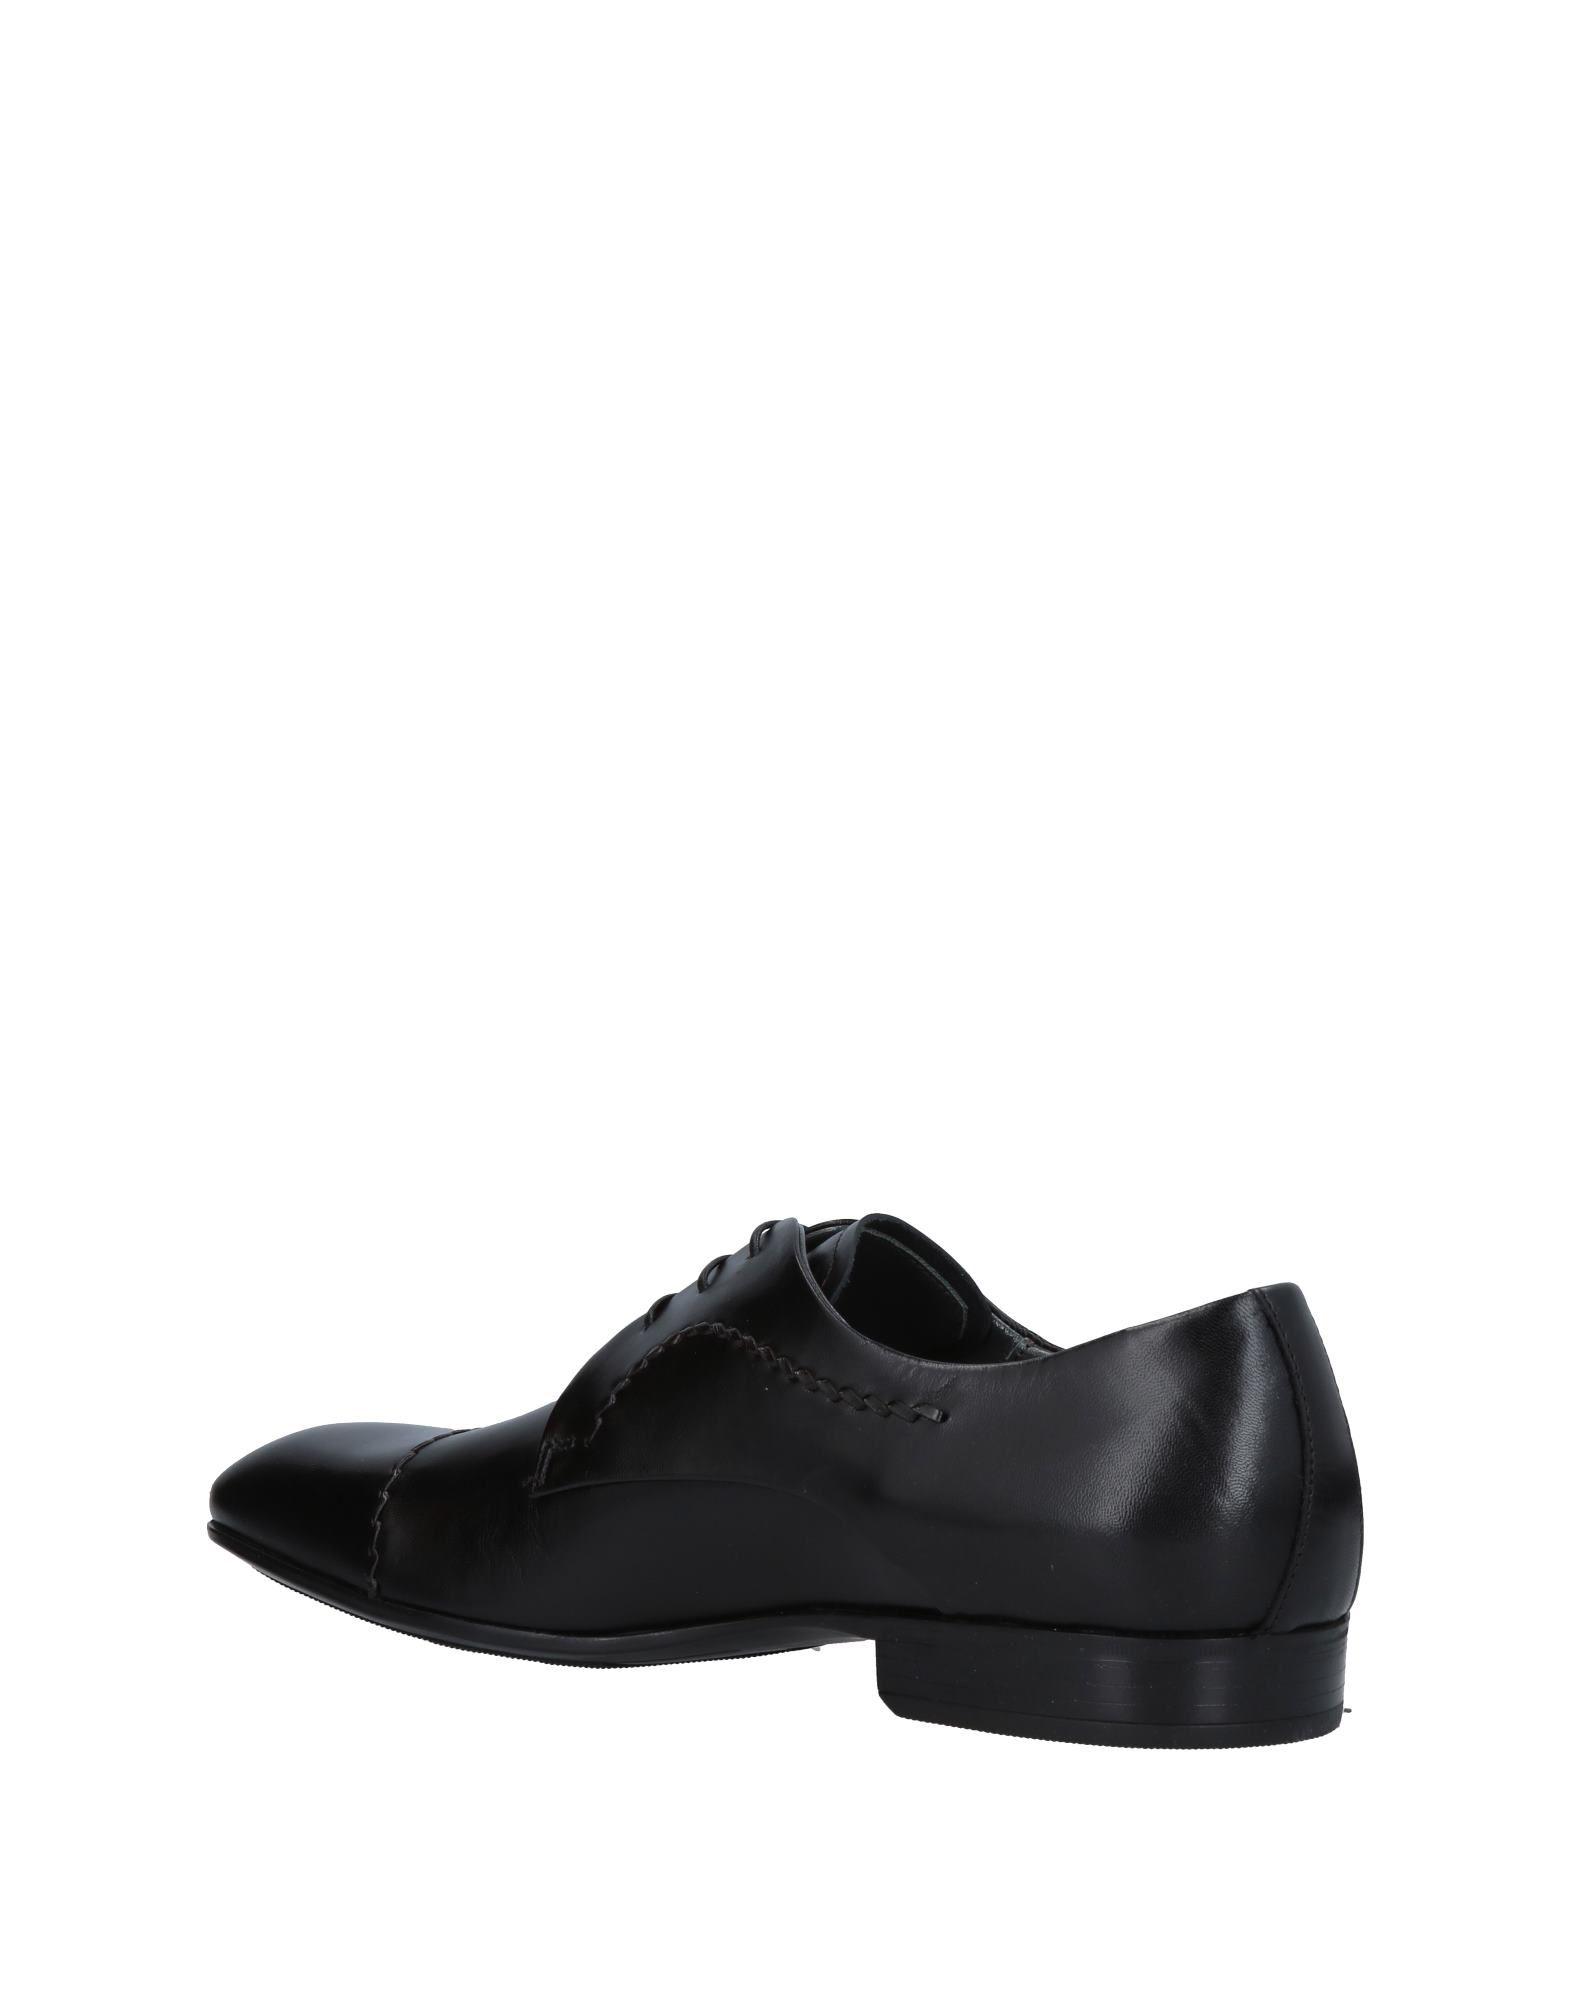 Giovanni Conti Schnürschuhe Herren Herren Herren  11412827LA Neue Schuhe 5abe4f